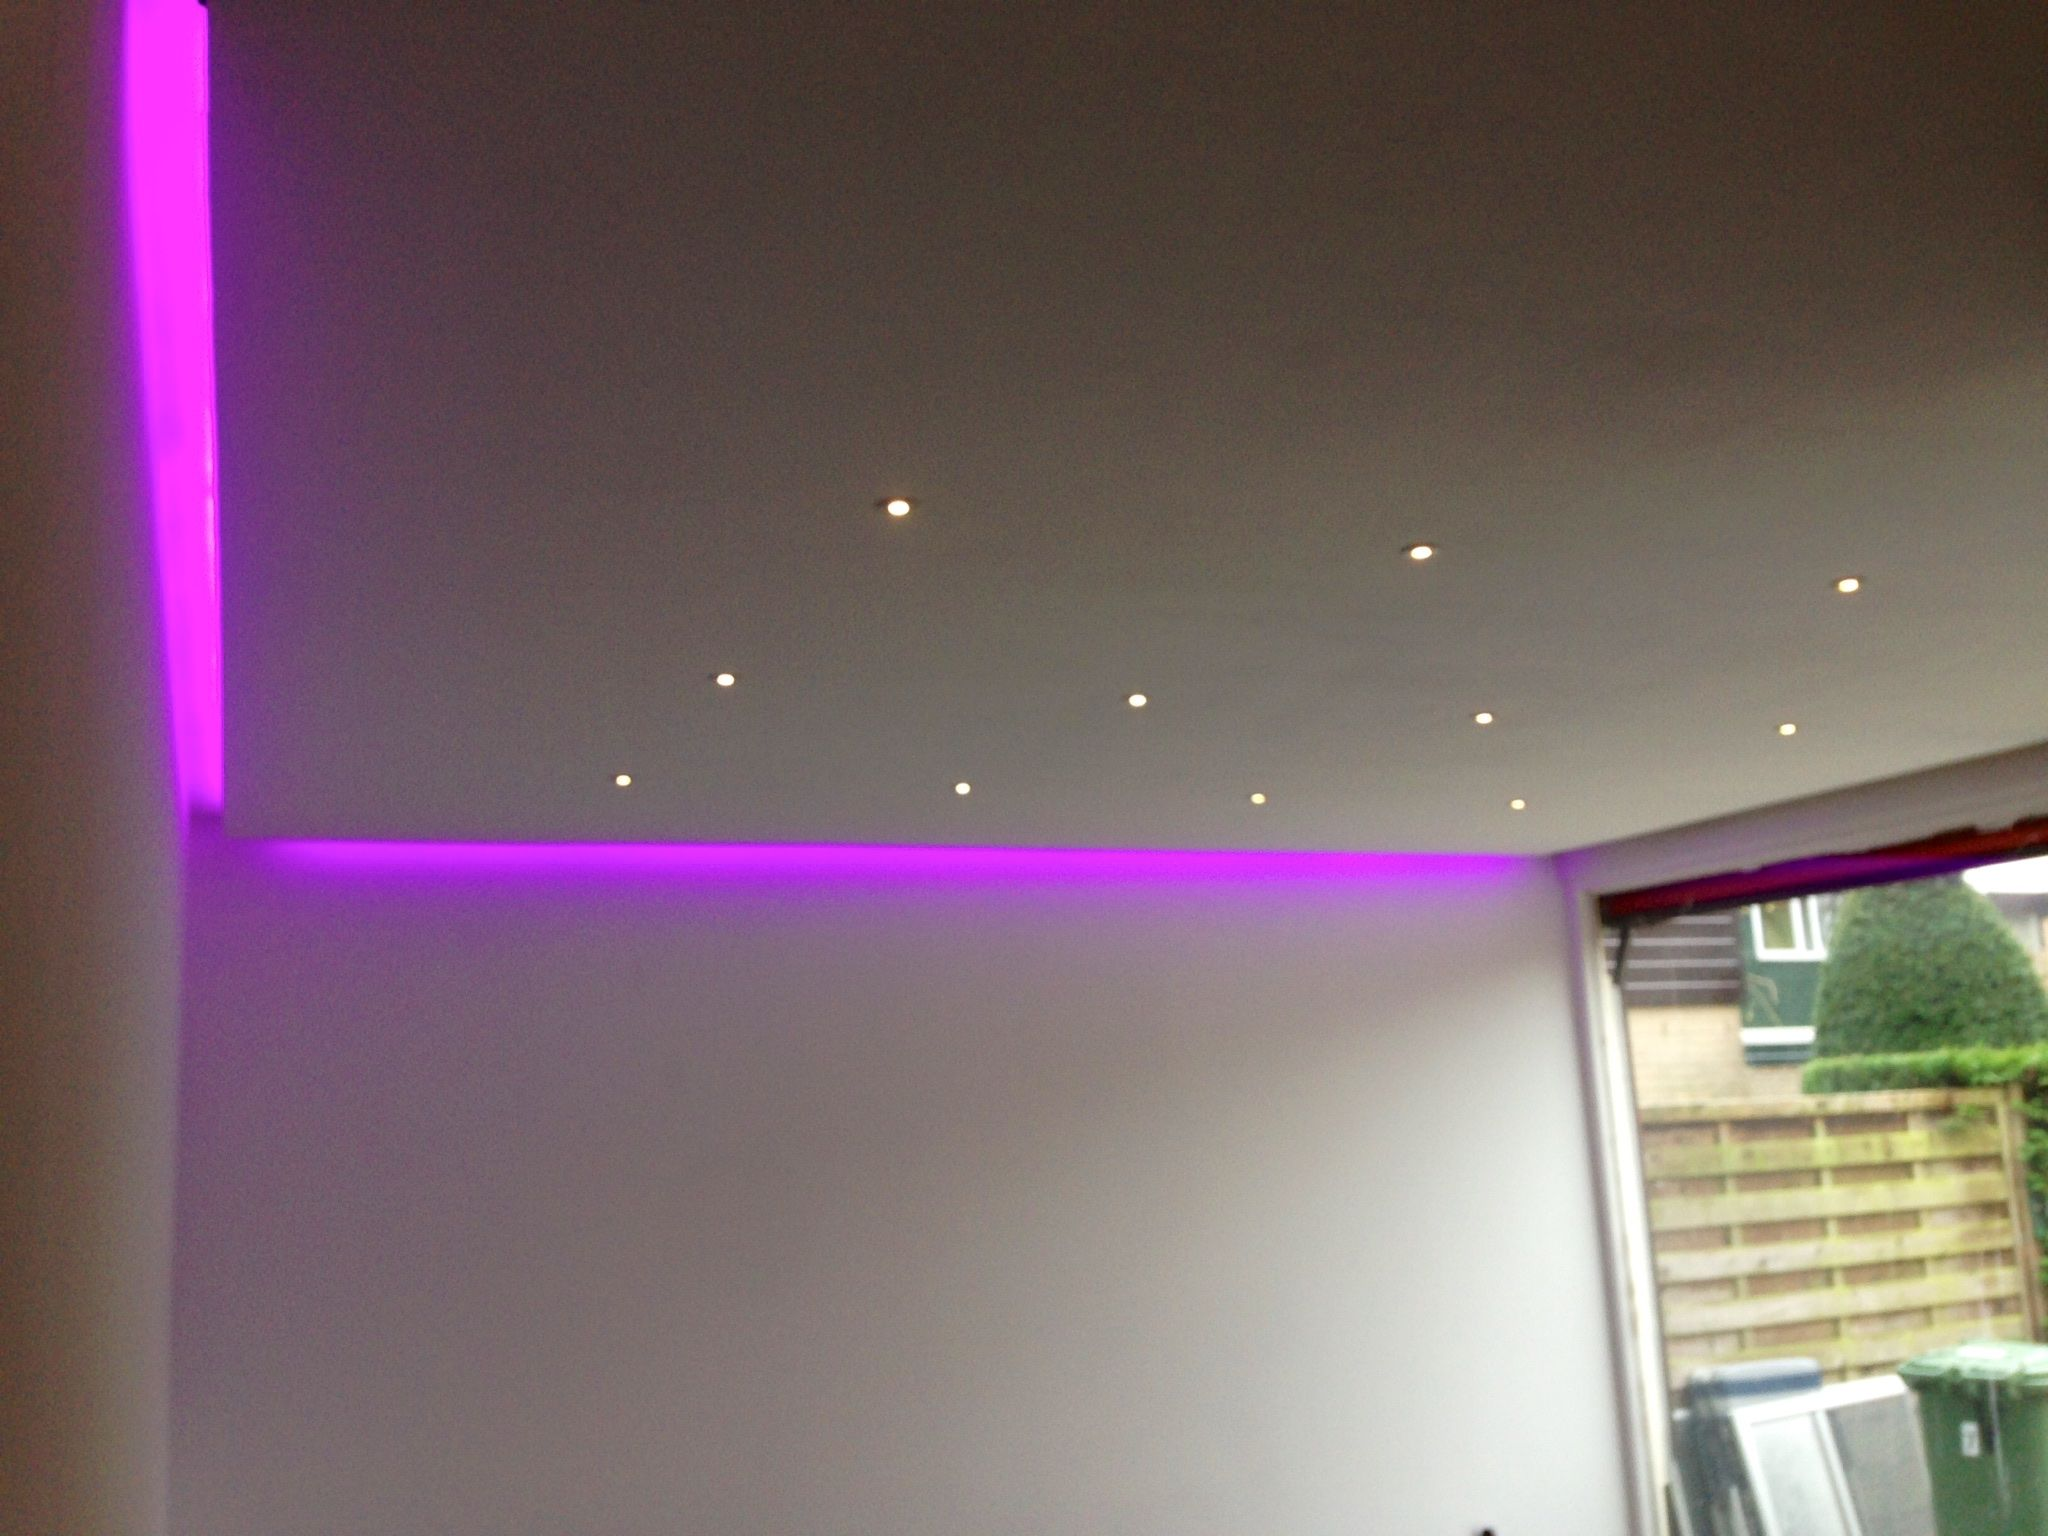 rgbww led strip langs het plafond project foto 39 s luxar pinterest led strip. Black Bedroom Furniture Sets. Home Design Ideas